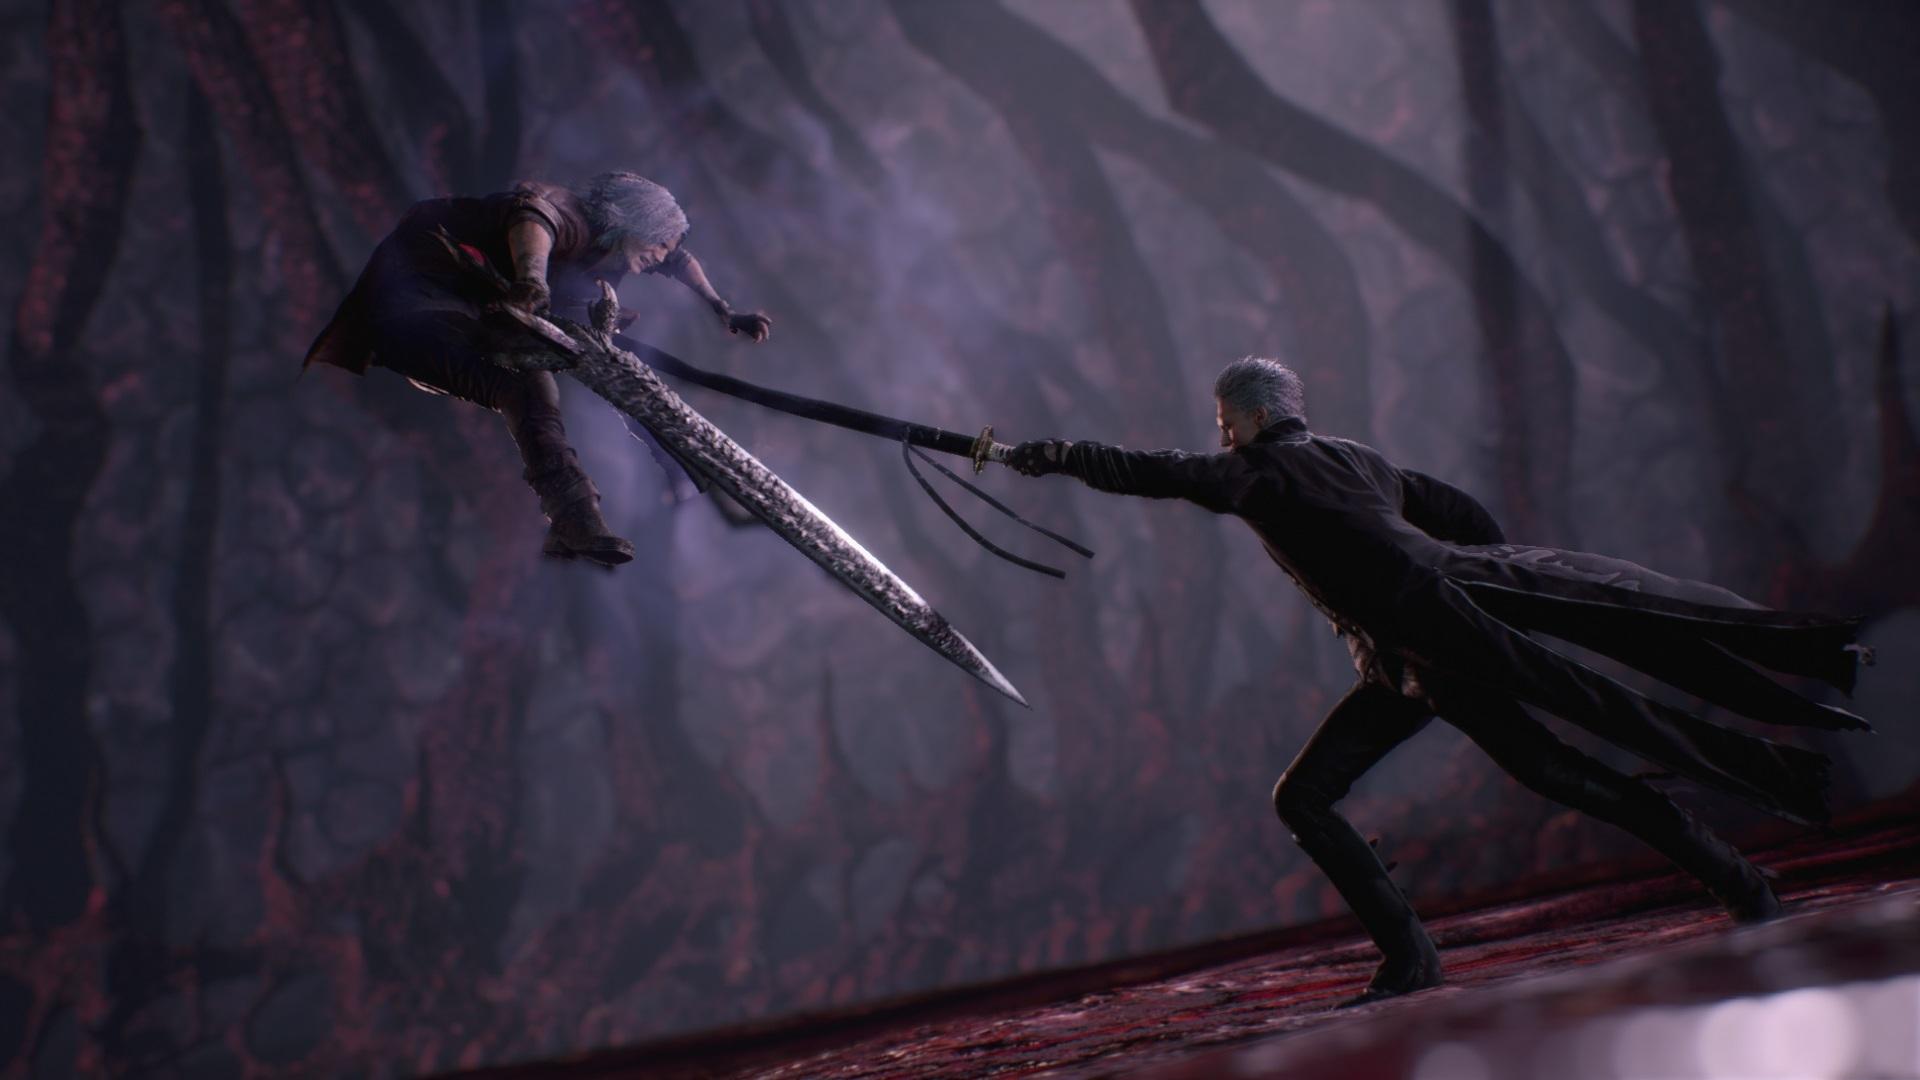 سی دی کی اریجینال استیم بازی Devil May Cry 5